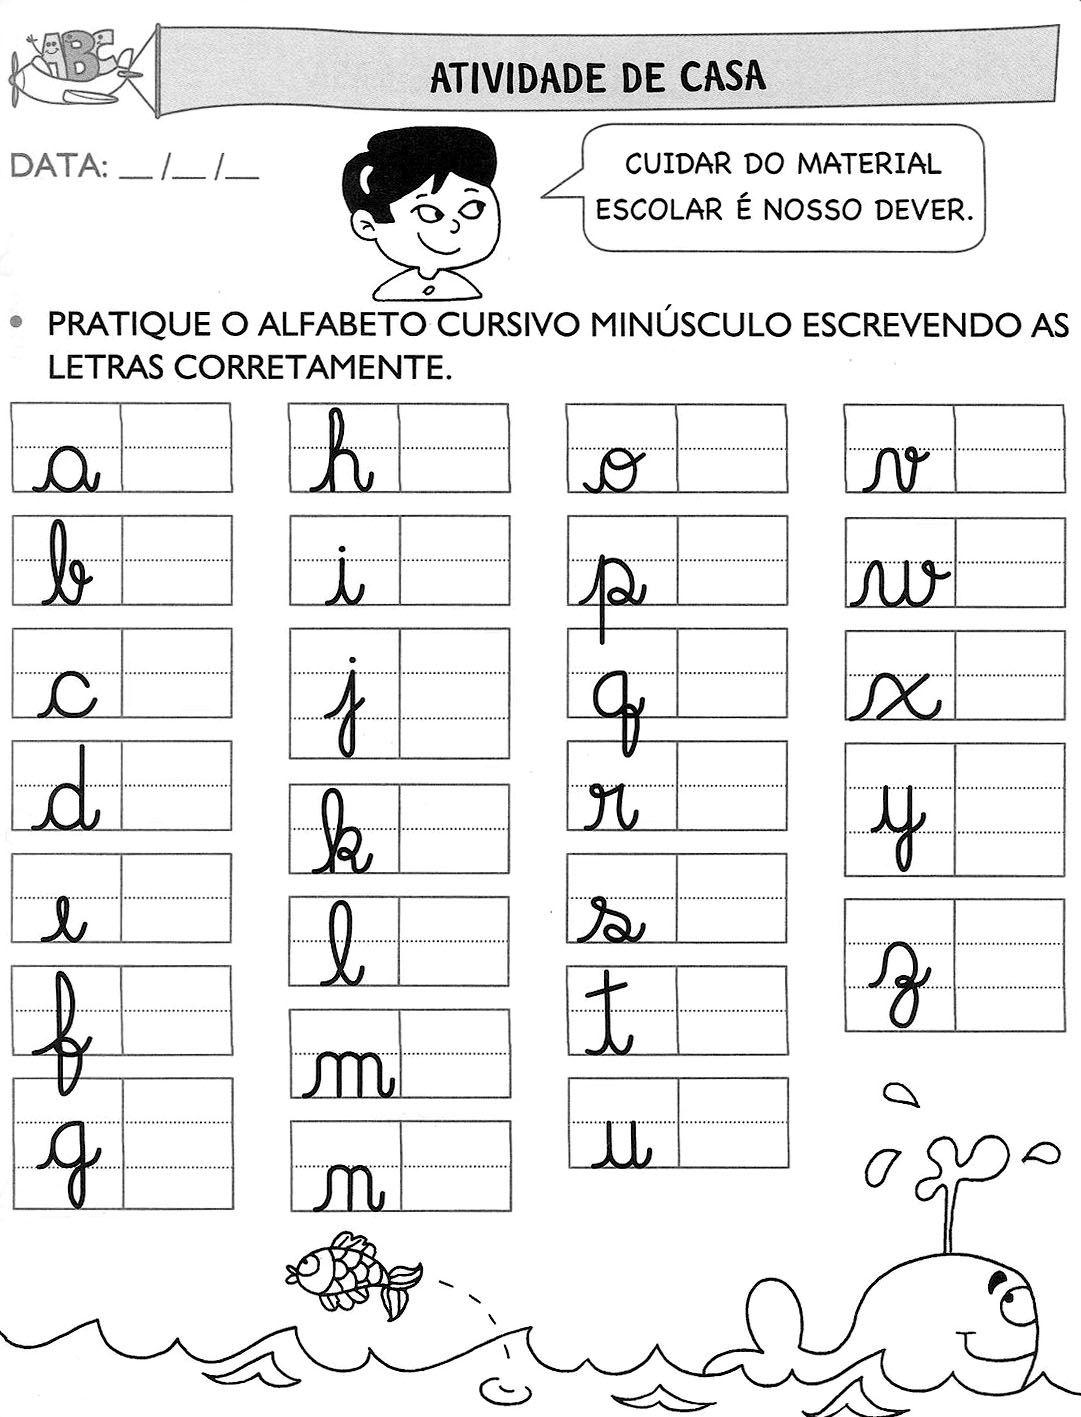 Resultado De Imagem Para Atividade De Casa Pratique O Alfabeto